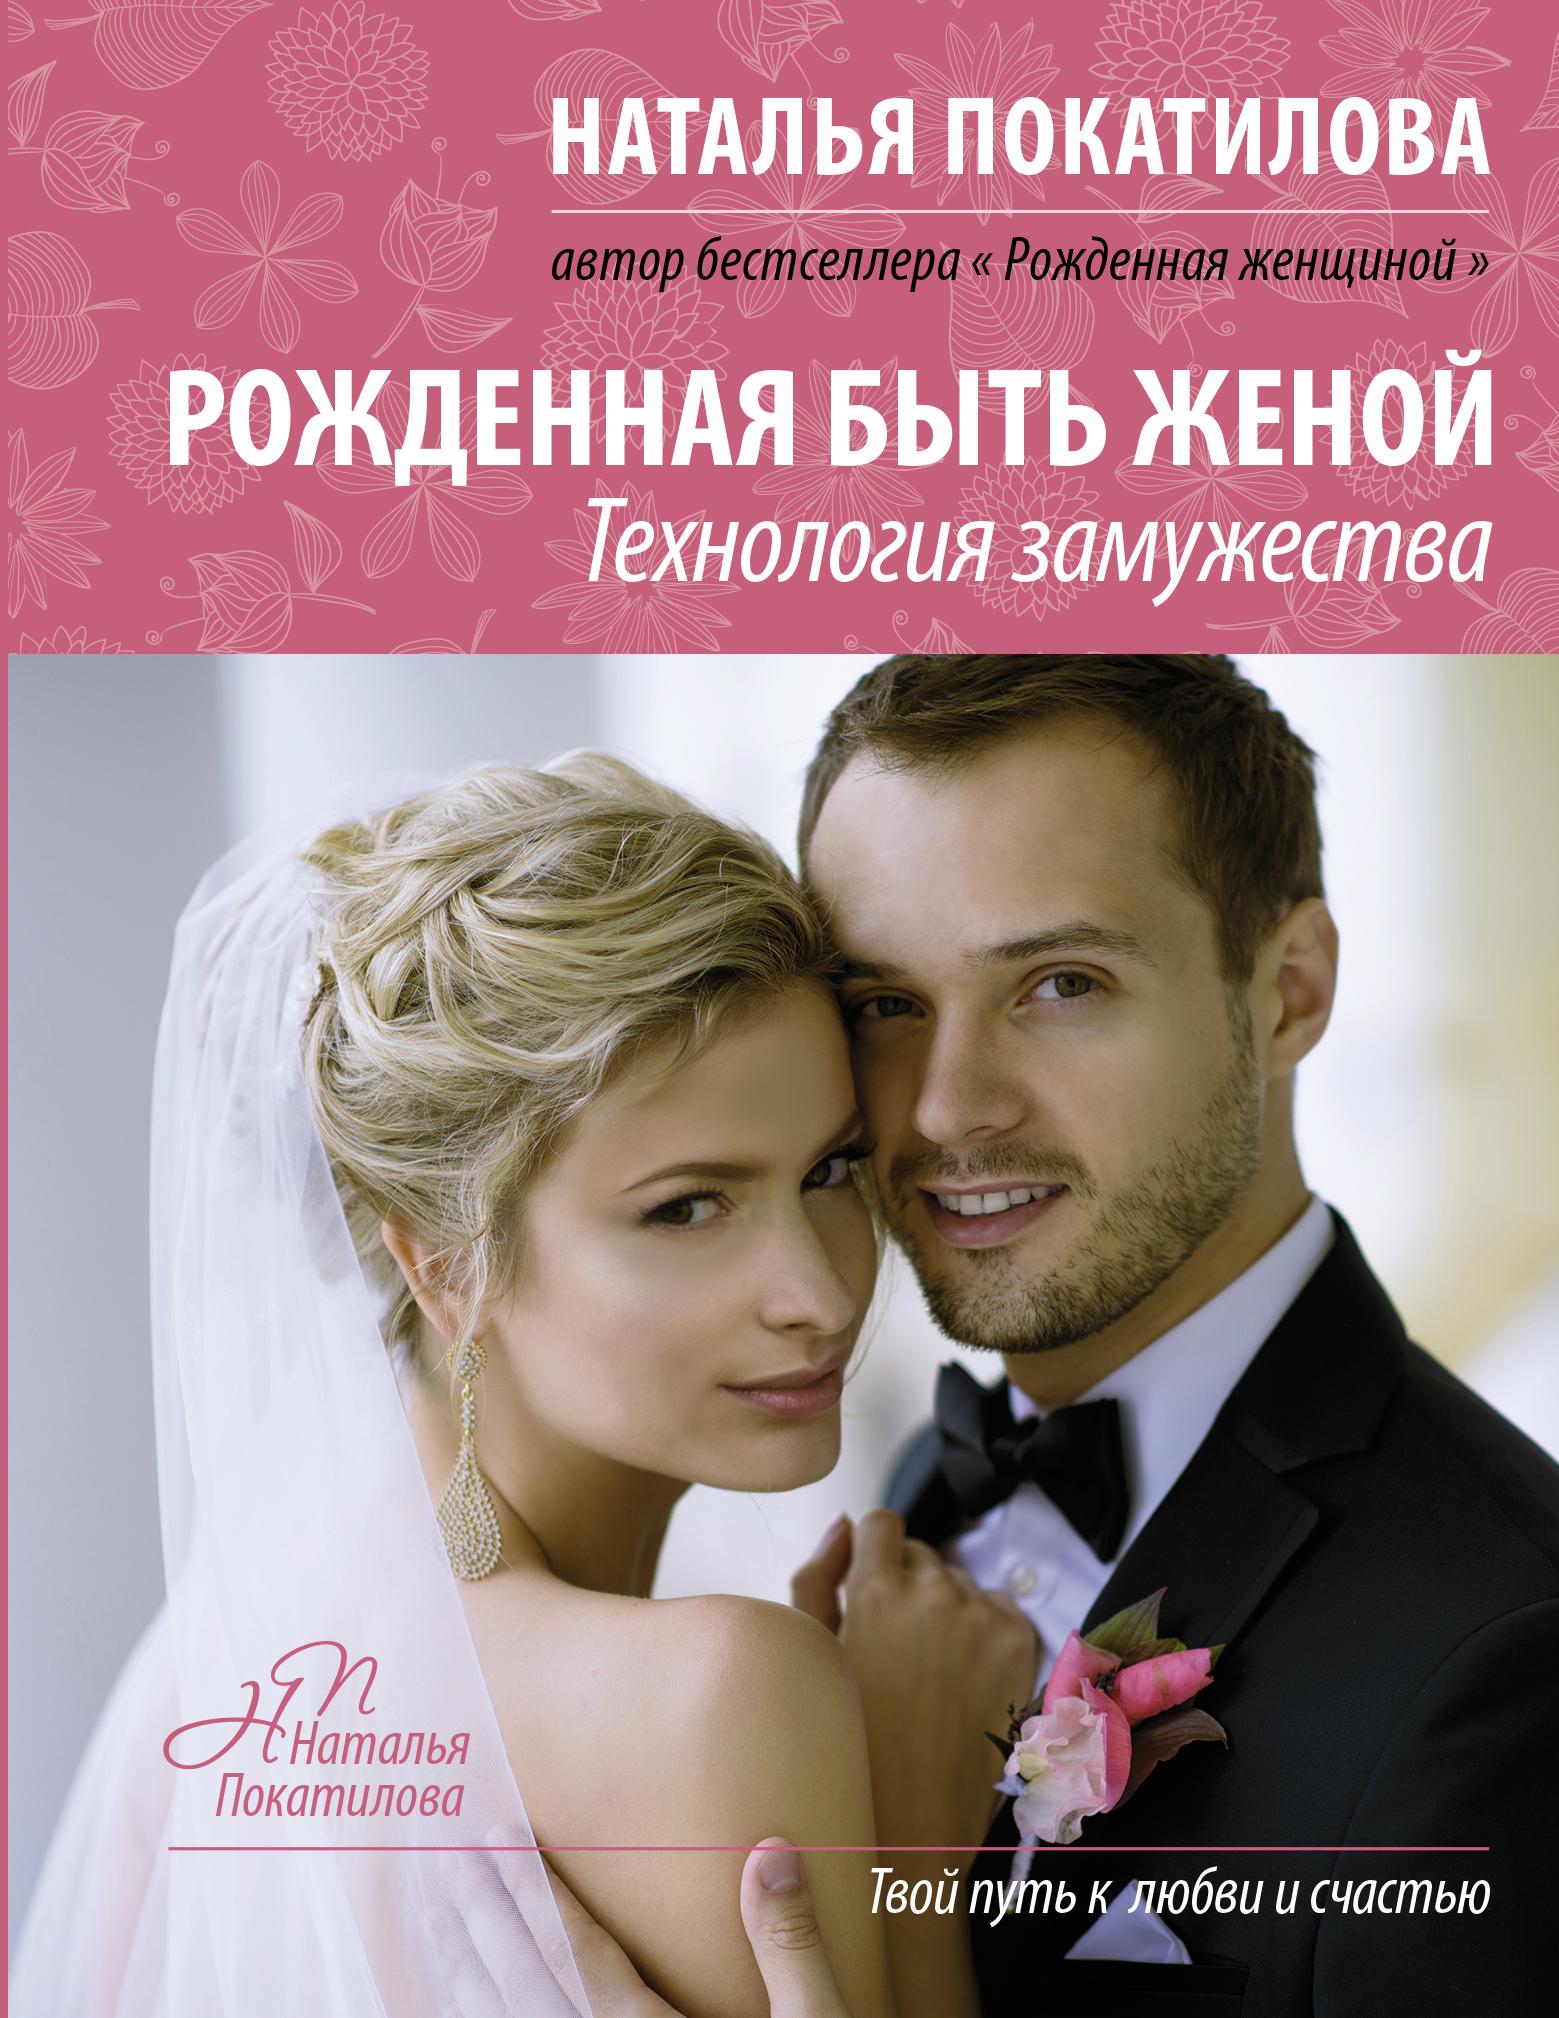 Наталья Покатилова Рожденная быть женой. Технология замужества покатилова н рожденная быть женой технология замужества isbn 9785171025830